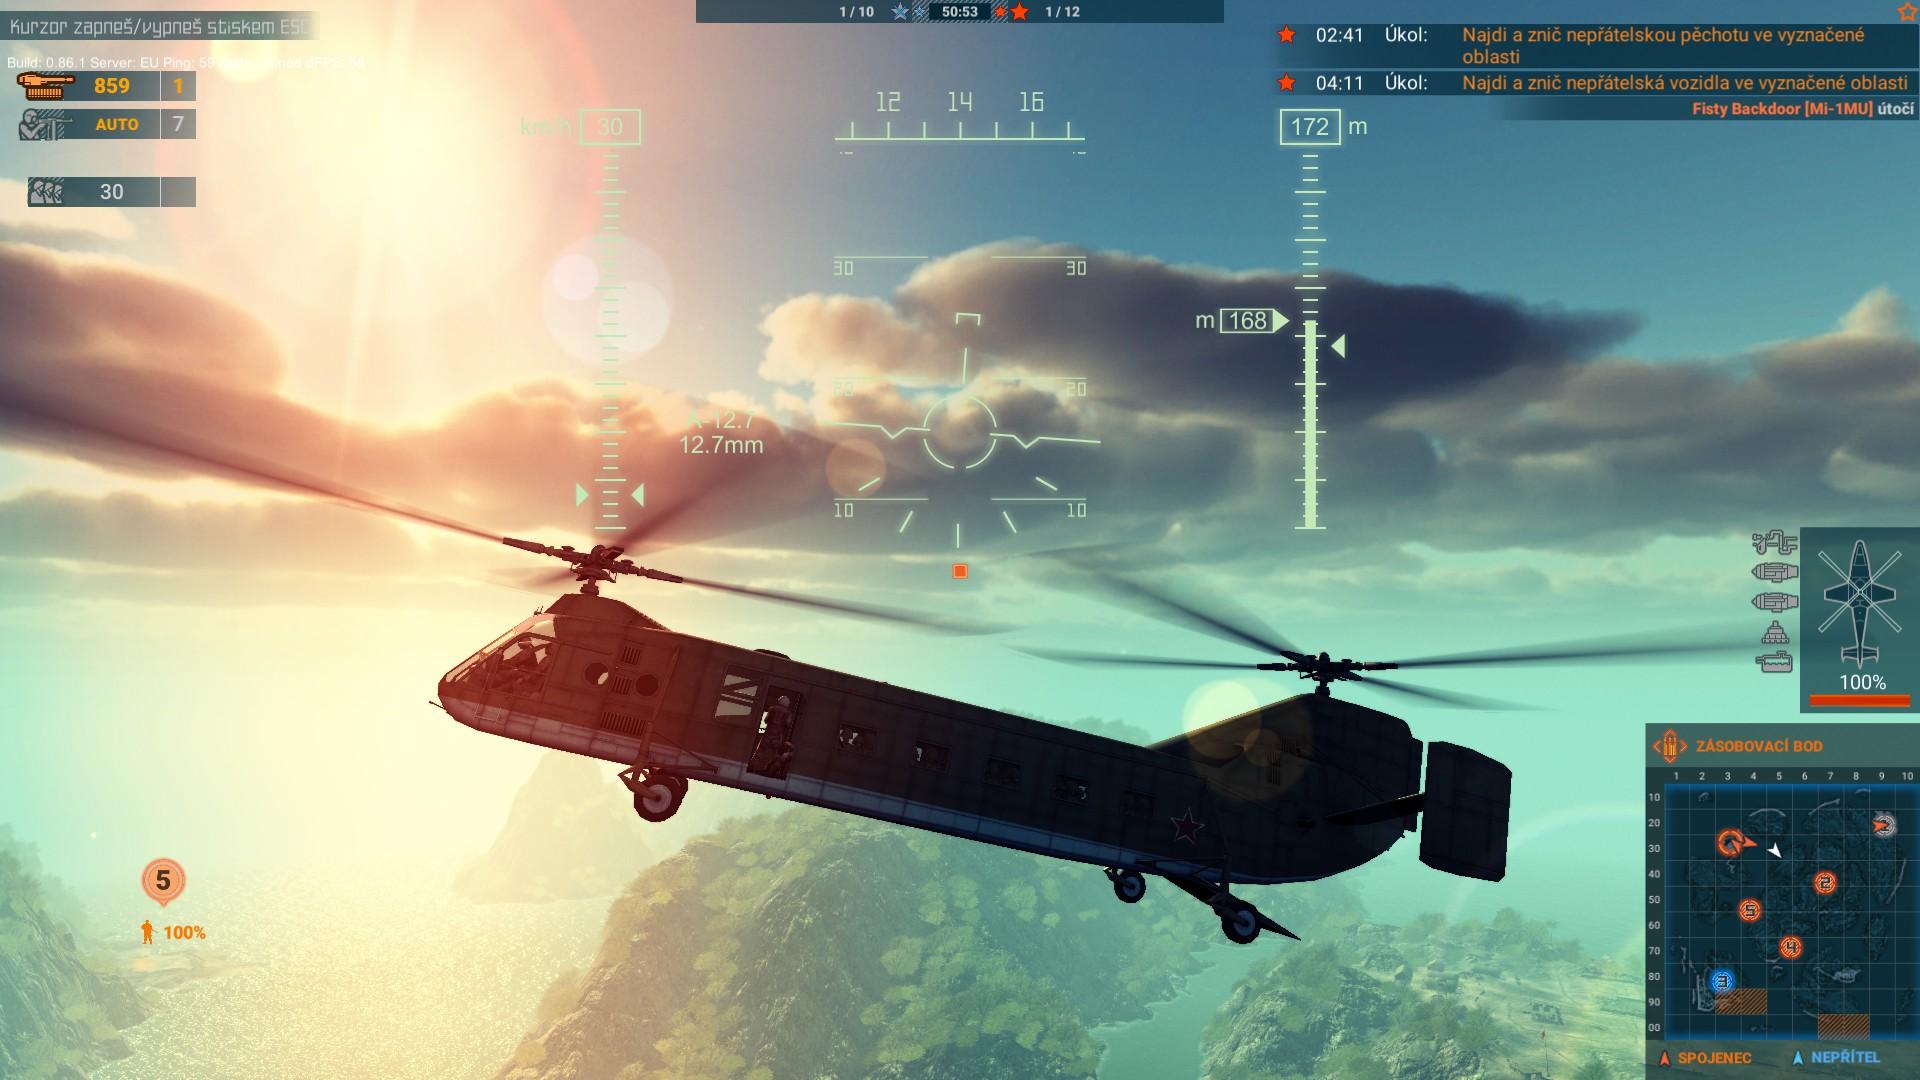 Heliborne - vrtulníky a rock 153001